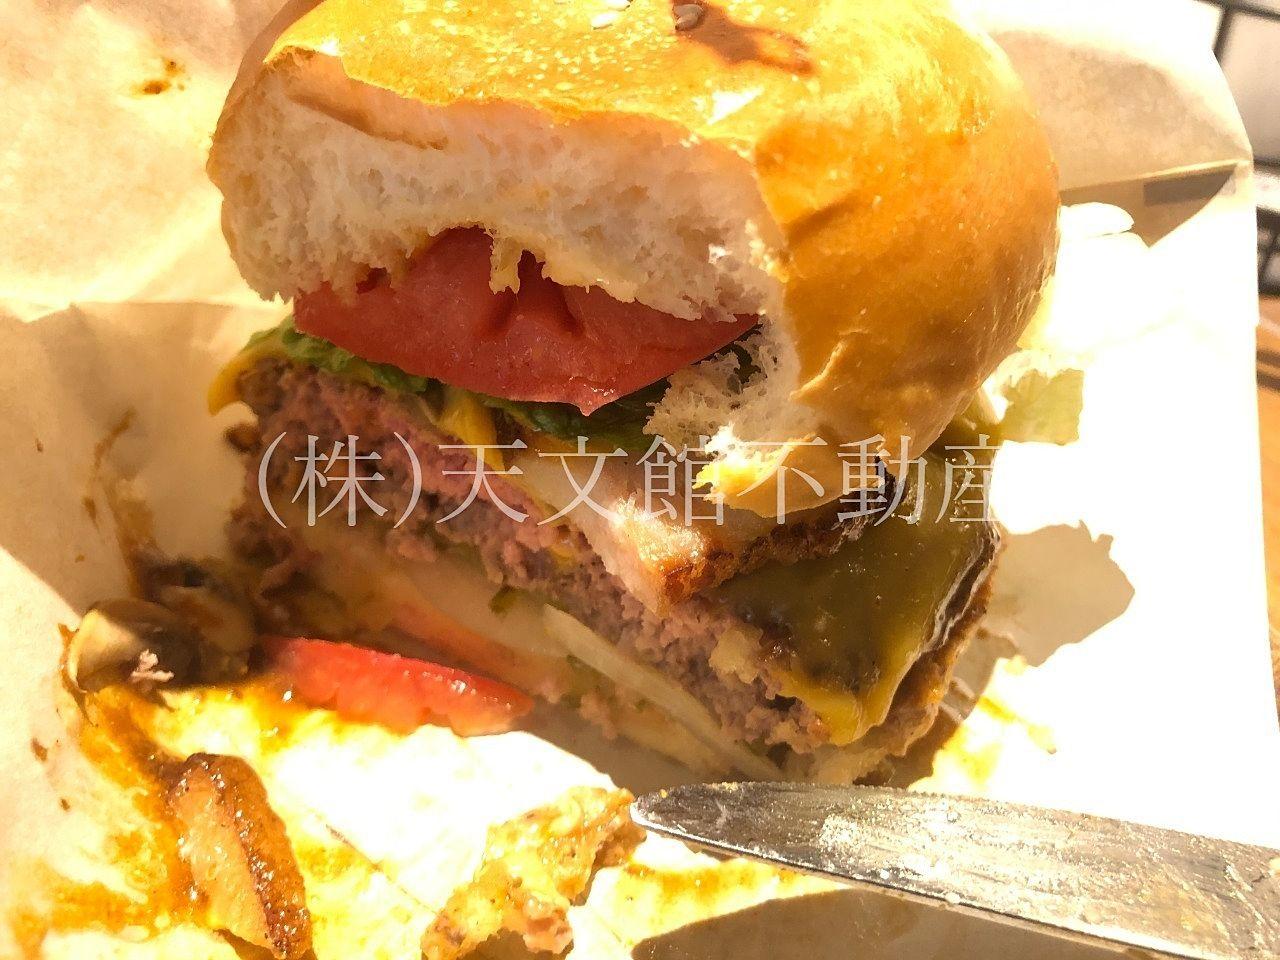 鹿児島市山之口町のNikanbashi Burger Barはボリューム満点です。